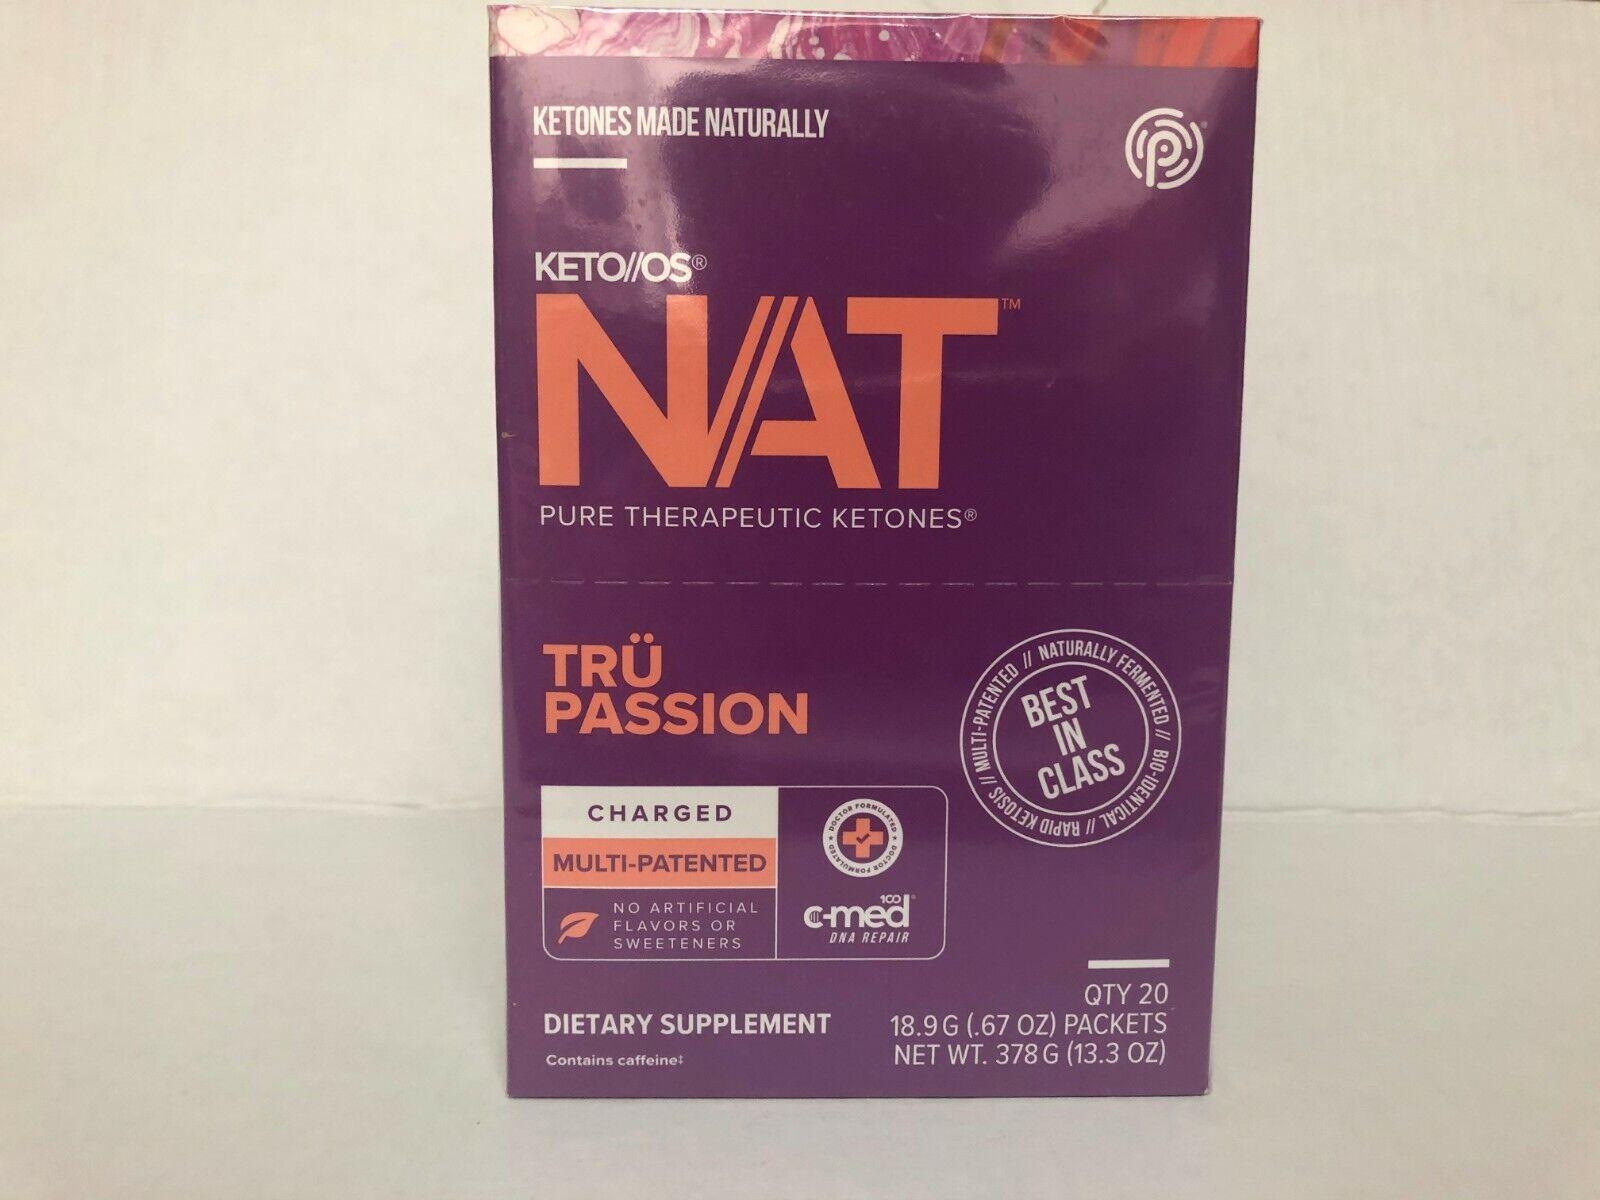 Pruvit Keto OS NAT Tru Passion 5, 10 & 20 Packs Free Shipping! 1